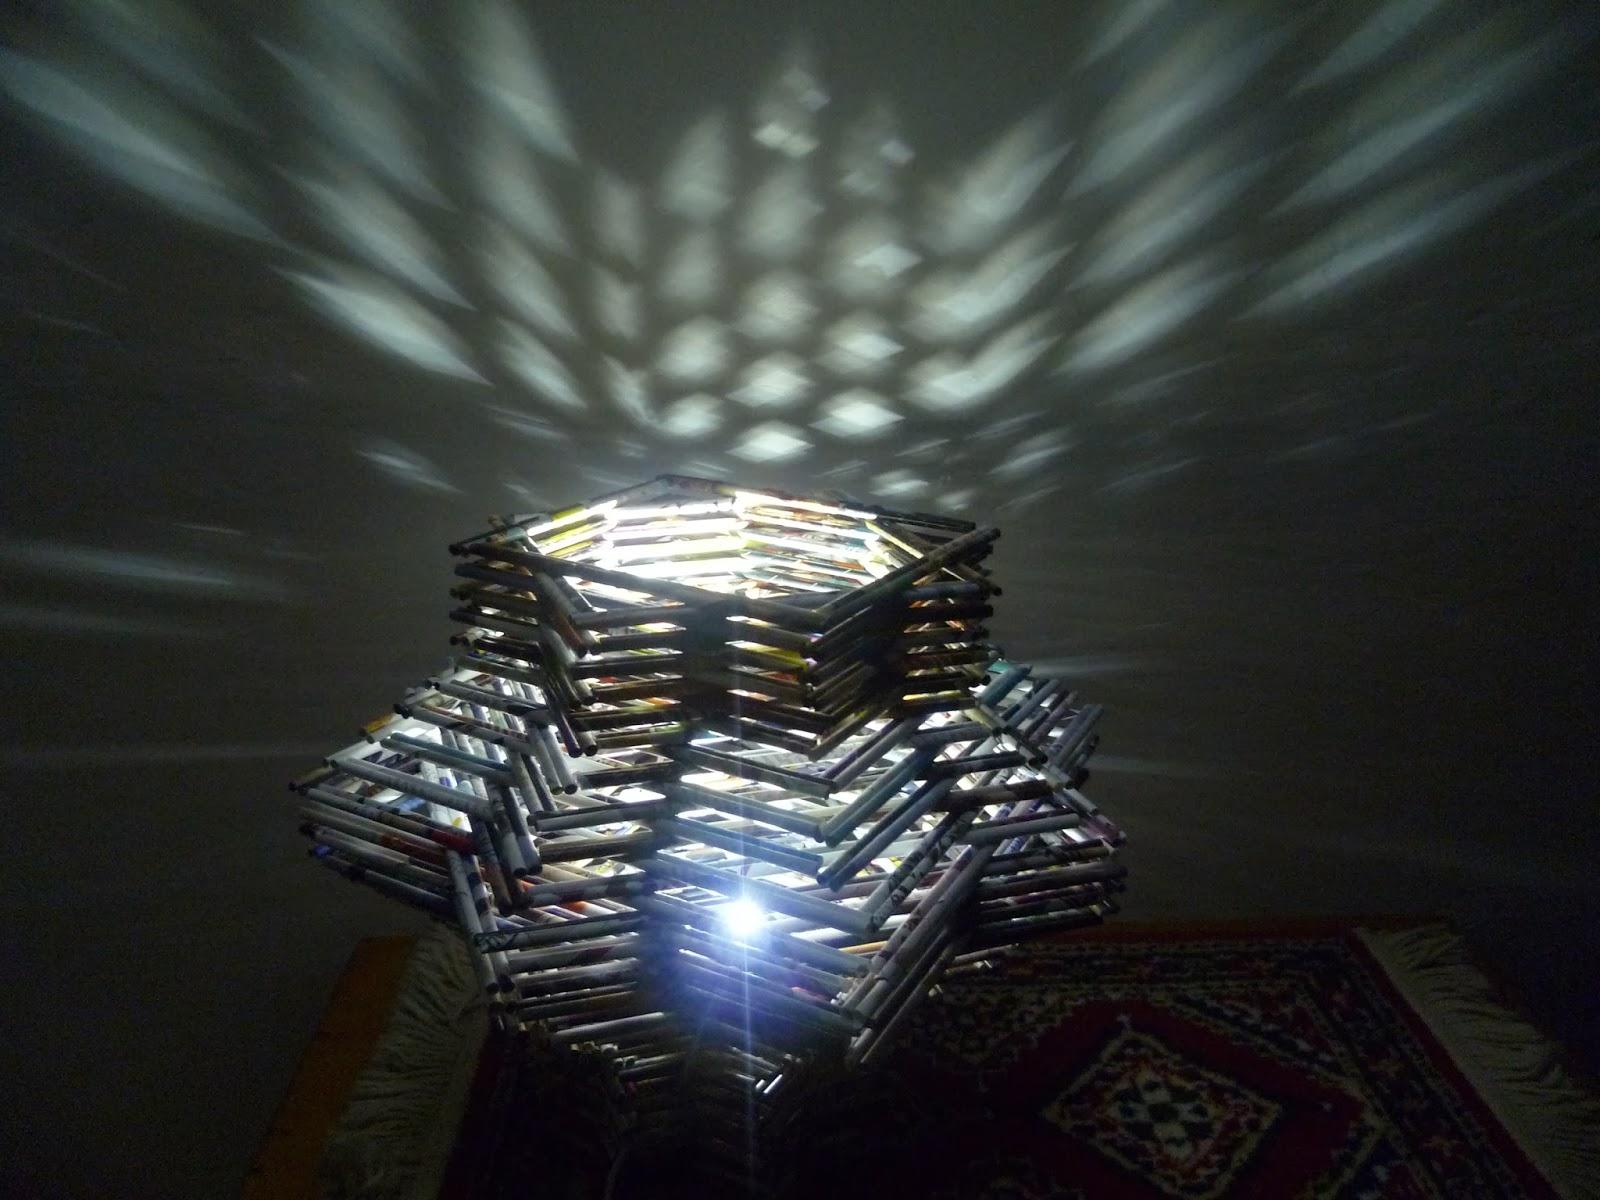 Lampadario Con Filo Di Lana : Svampitrella contraccedamore la mia lampada magica